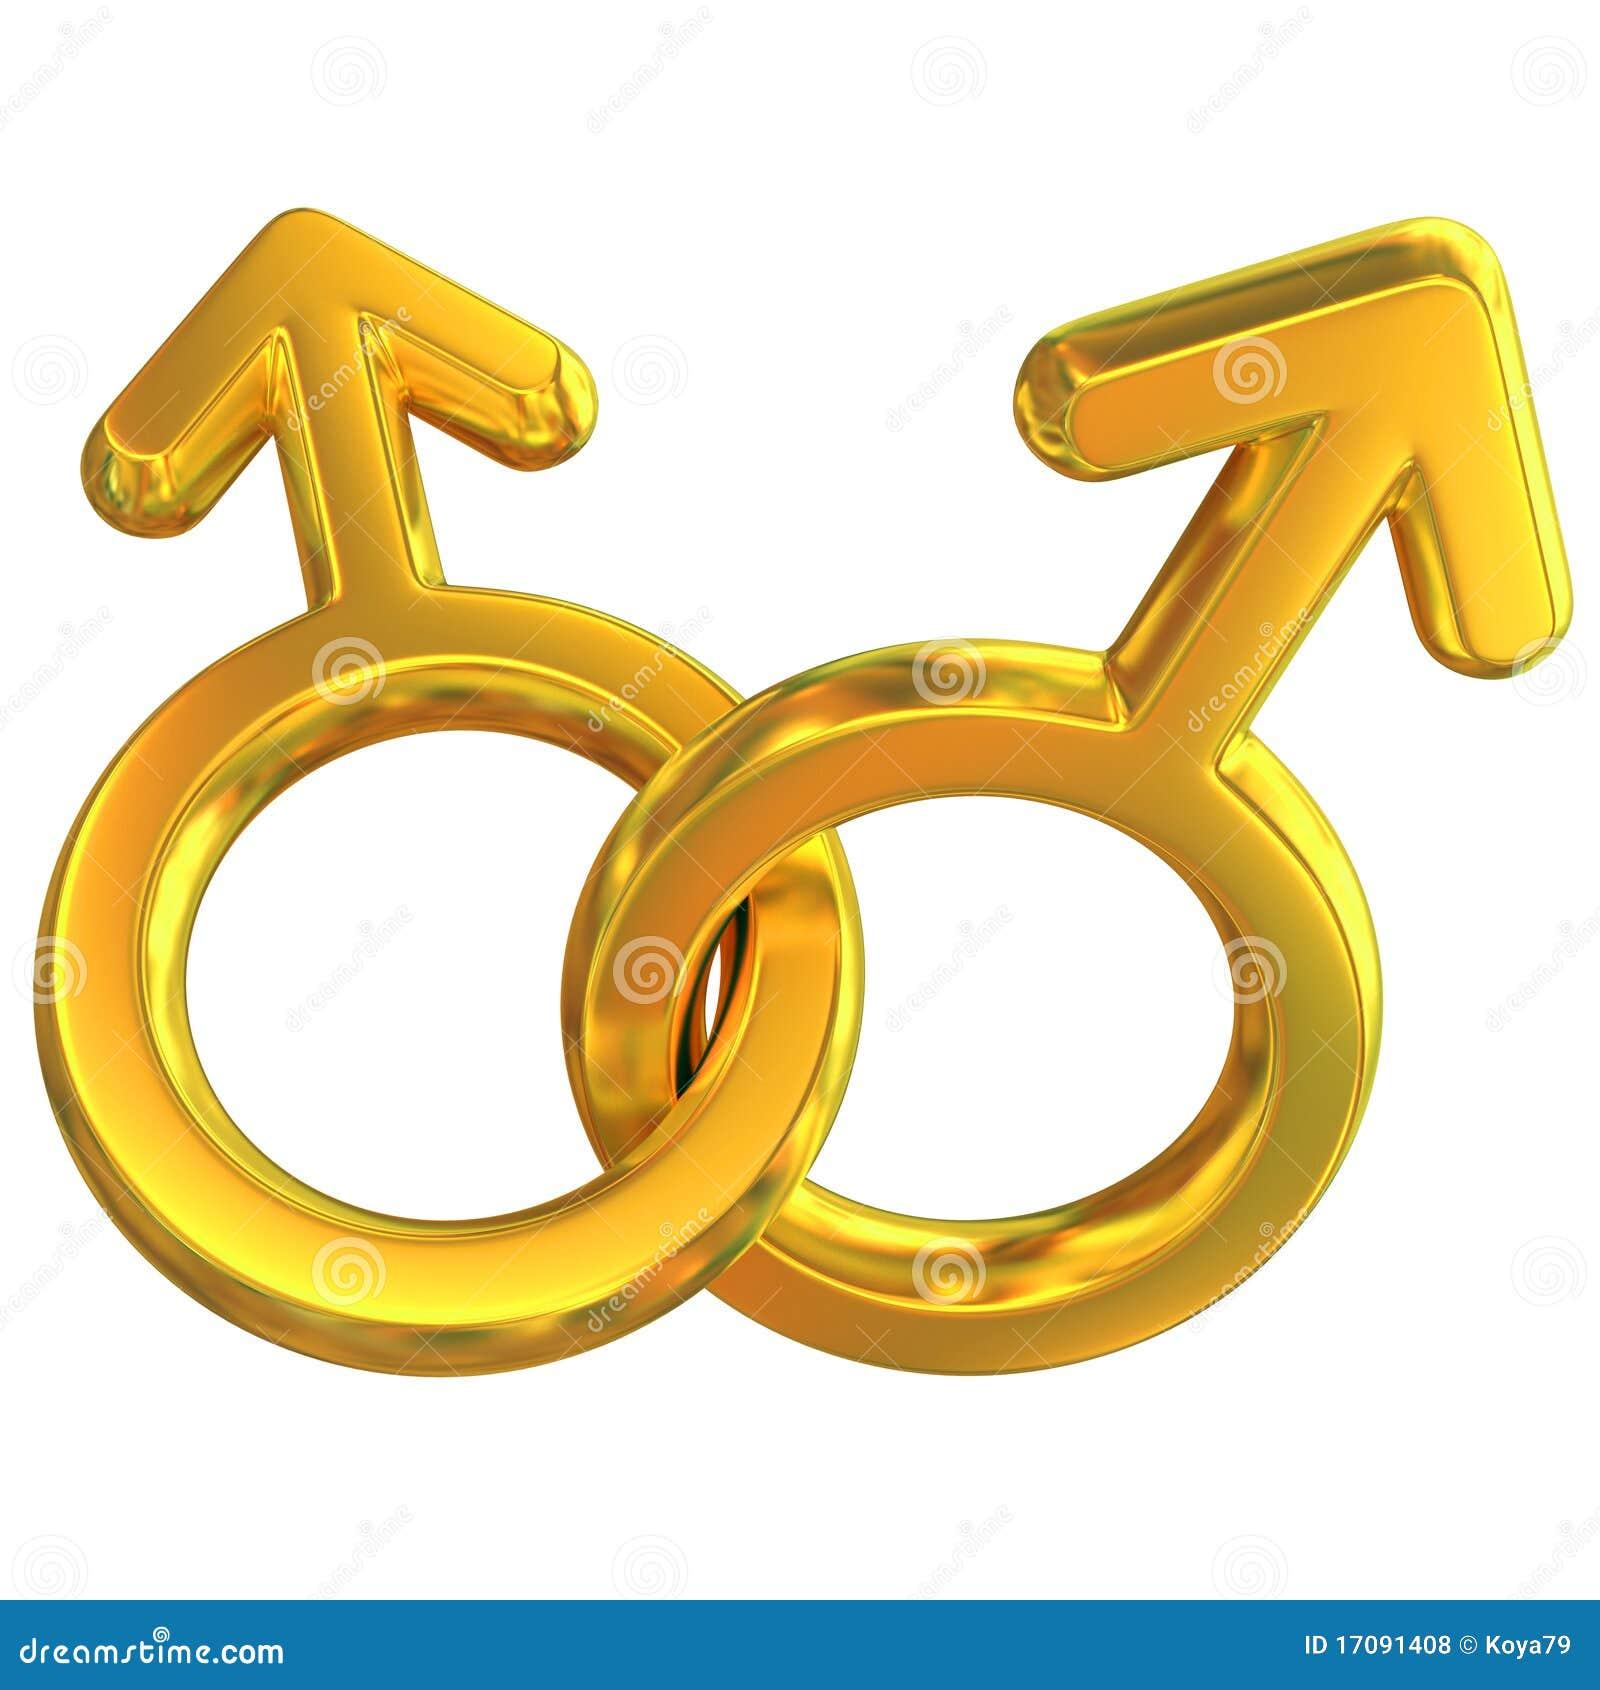 Dois símbolos masculinos cruzados representando a relação alegre